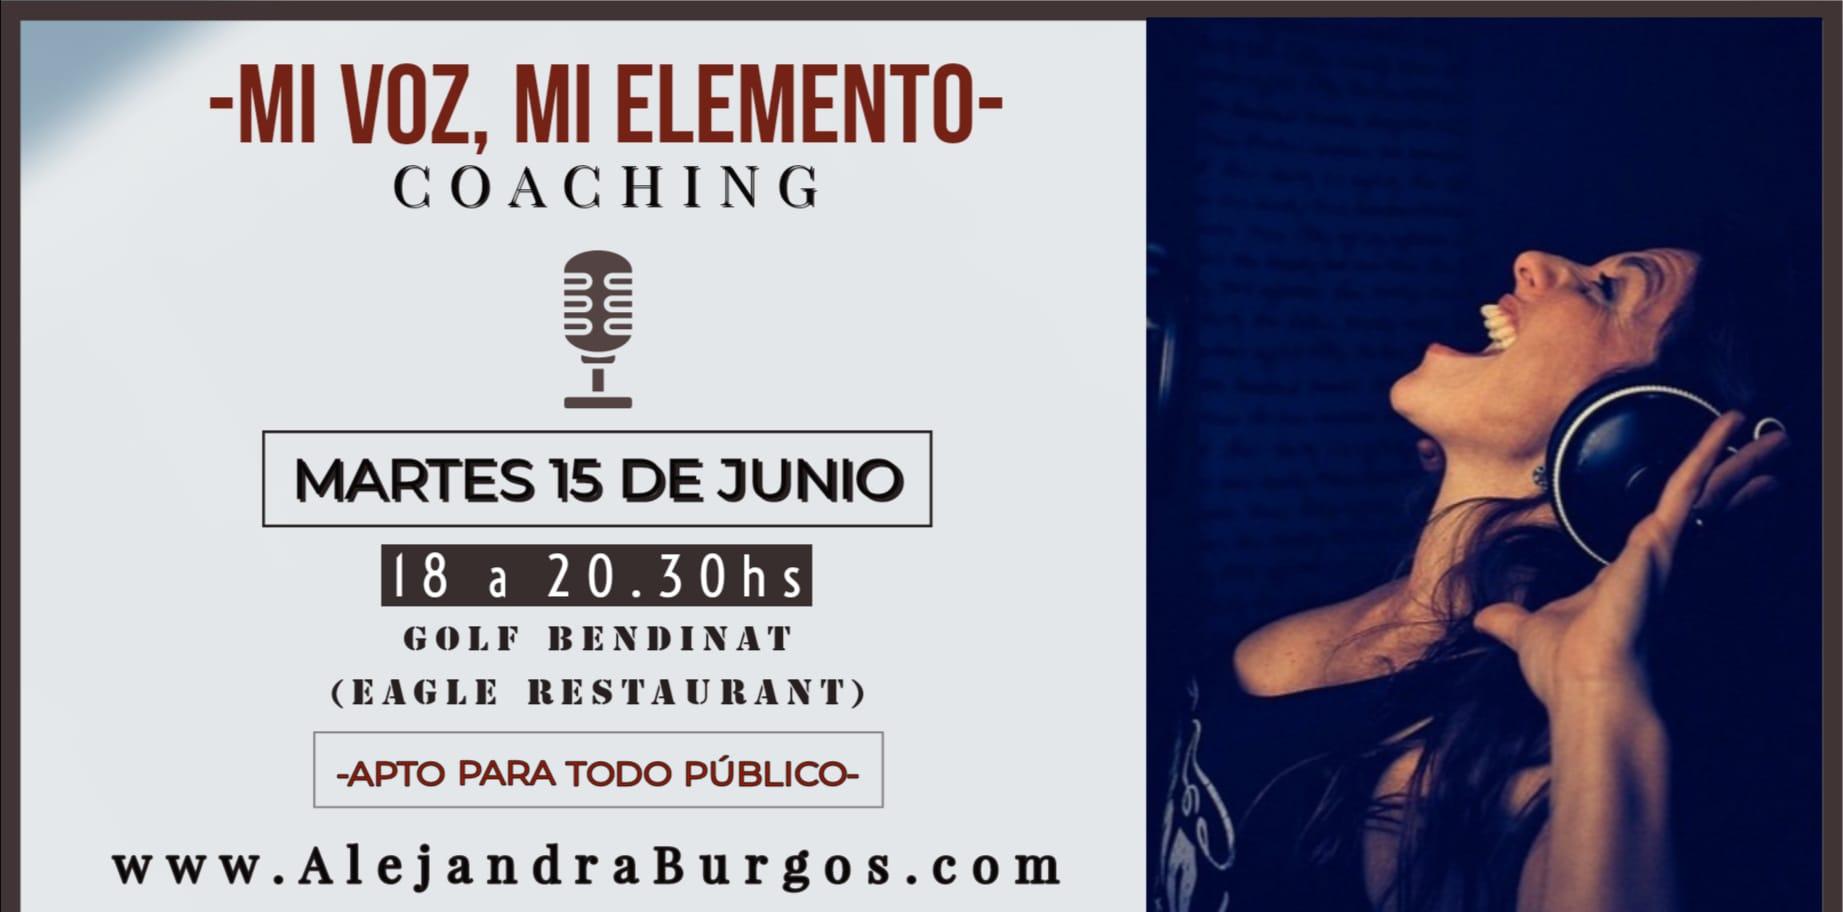 Coaching- Mi Voz, Mi Elemento